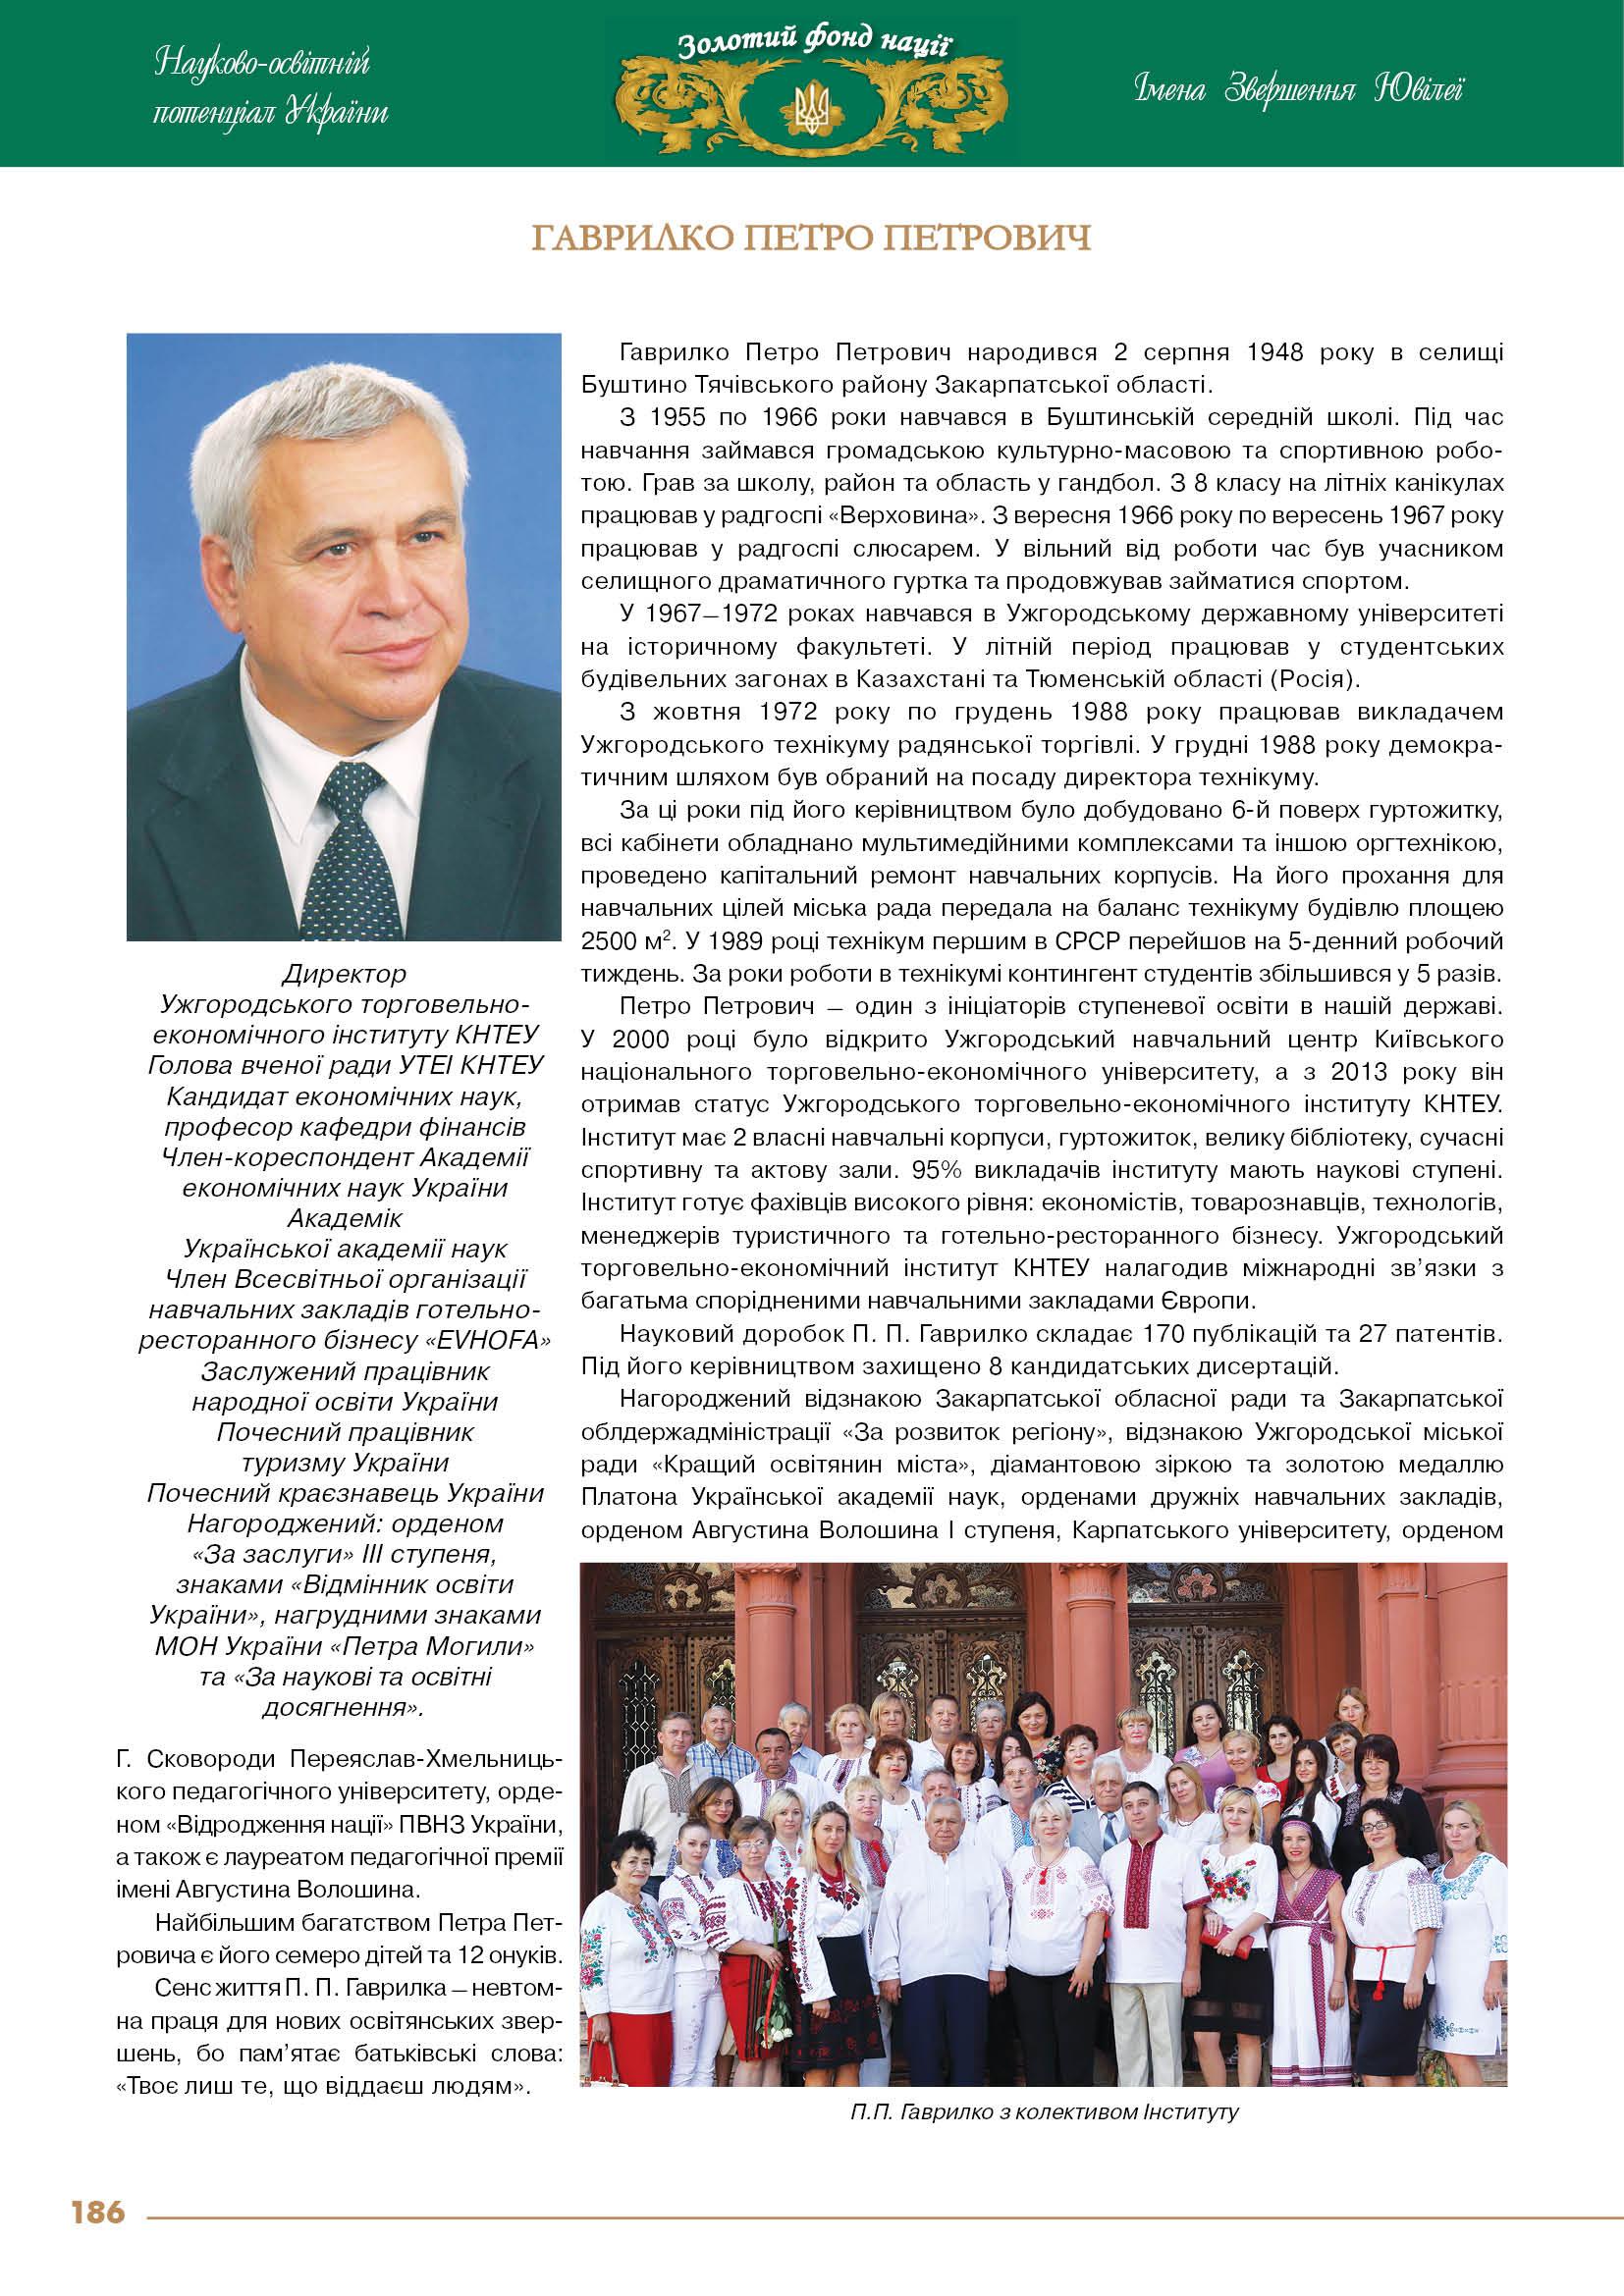 Гаврилко Петро Петрович